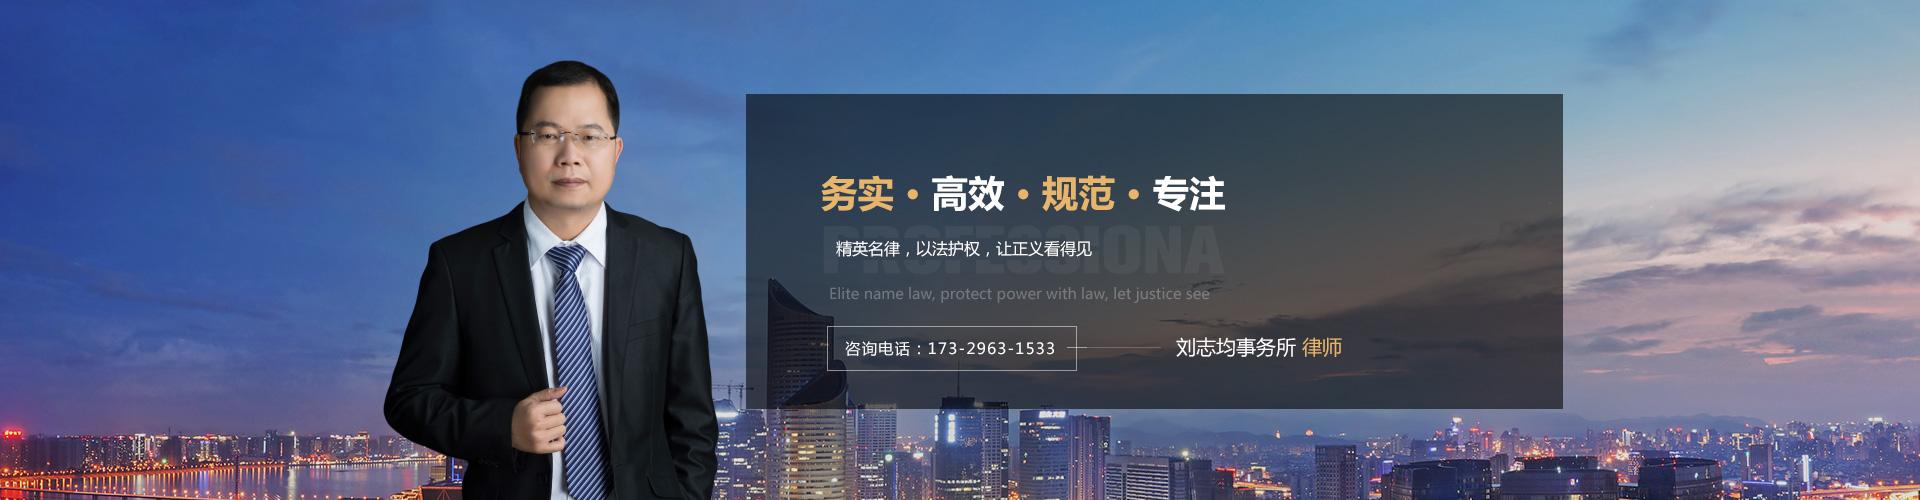 广东 刘志均事务所